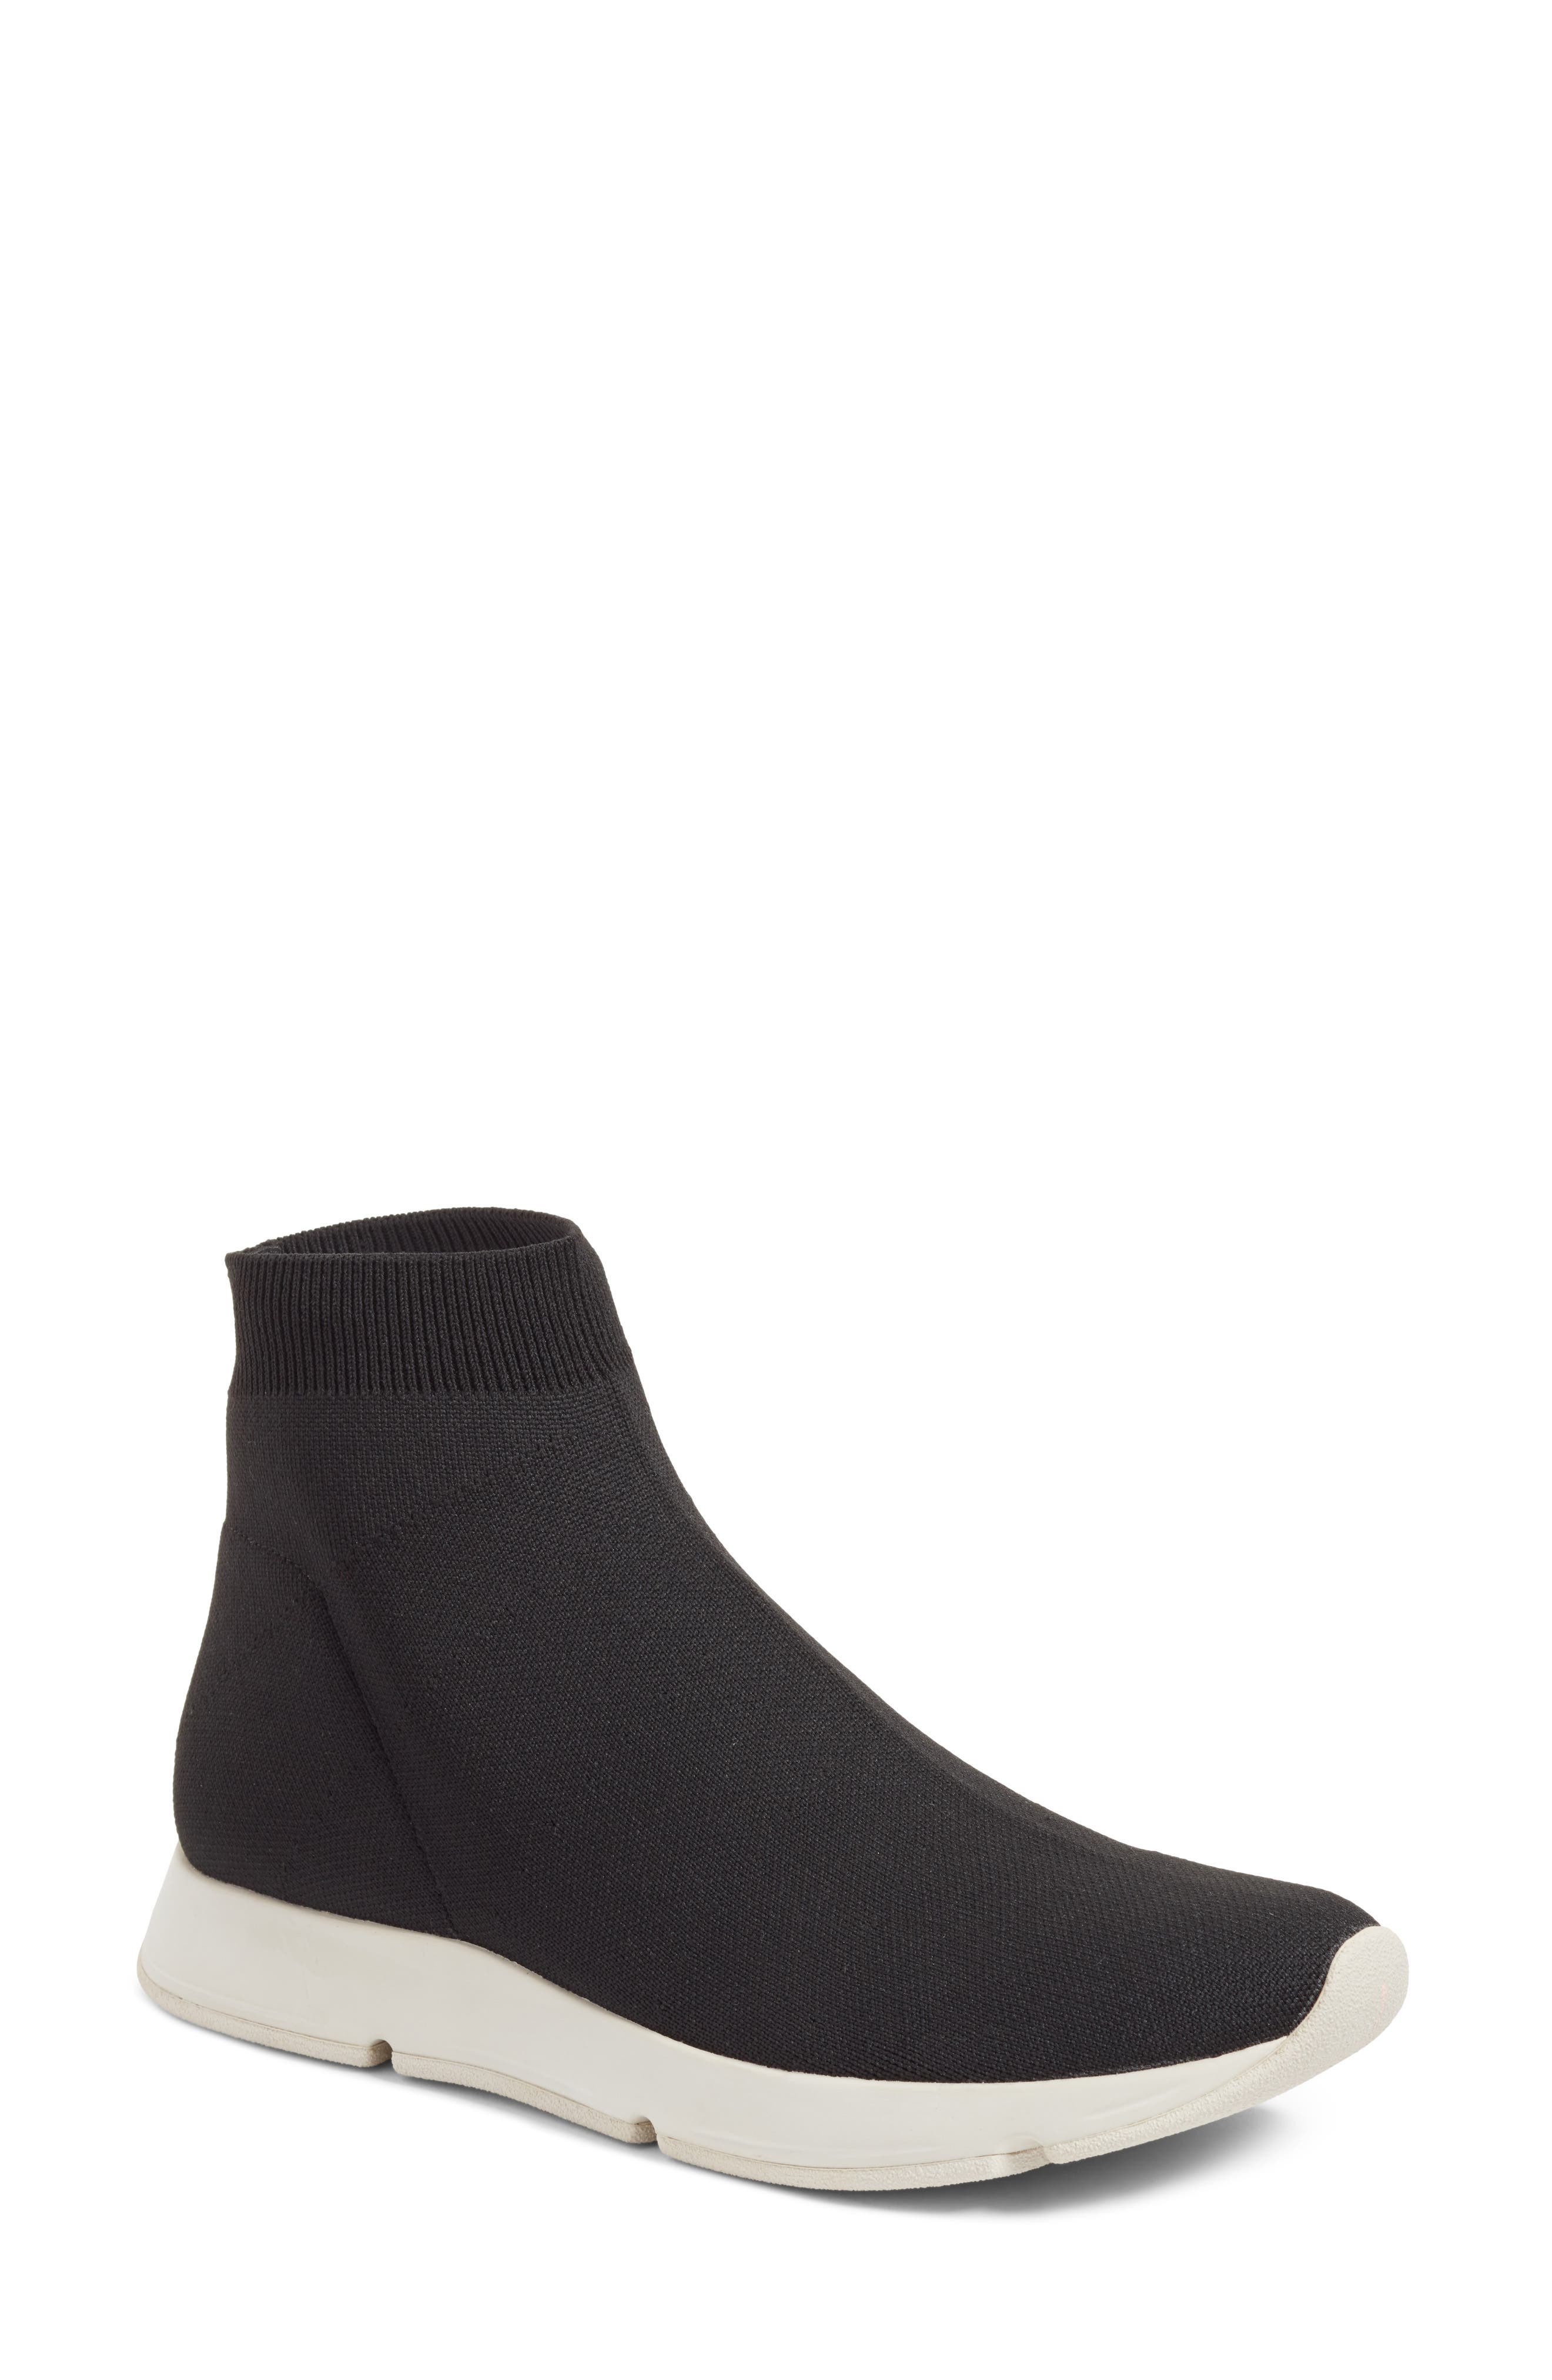 Tyra Sock Sneaker,                         Main,                         color,